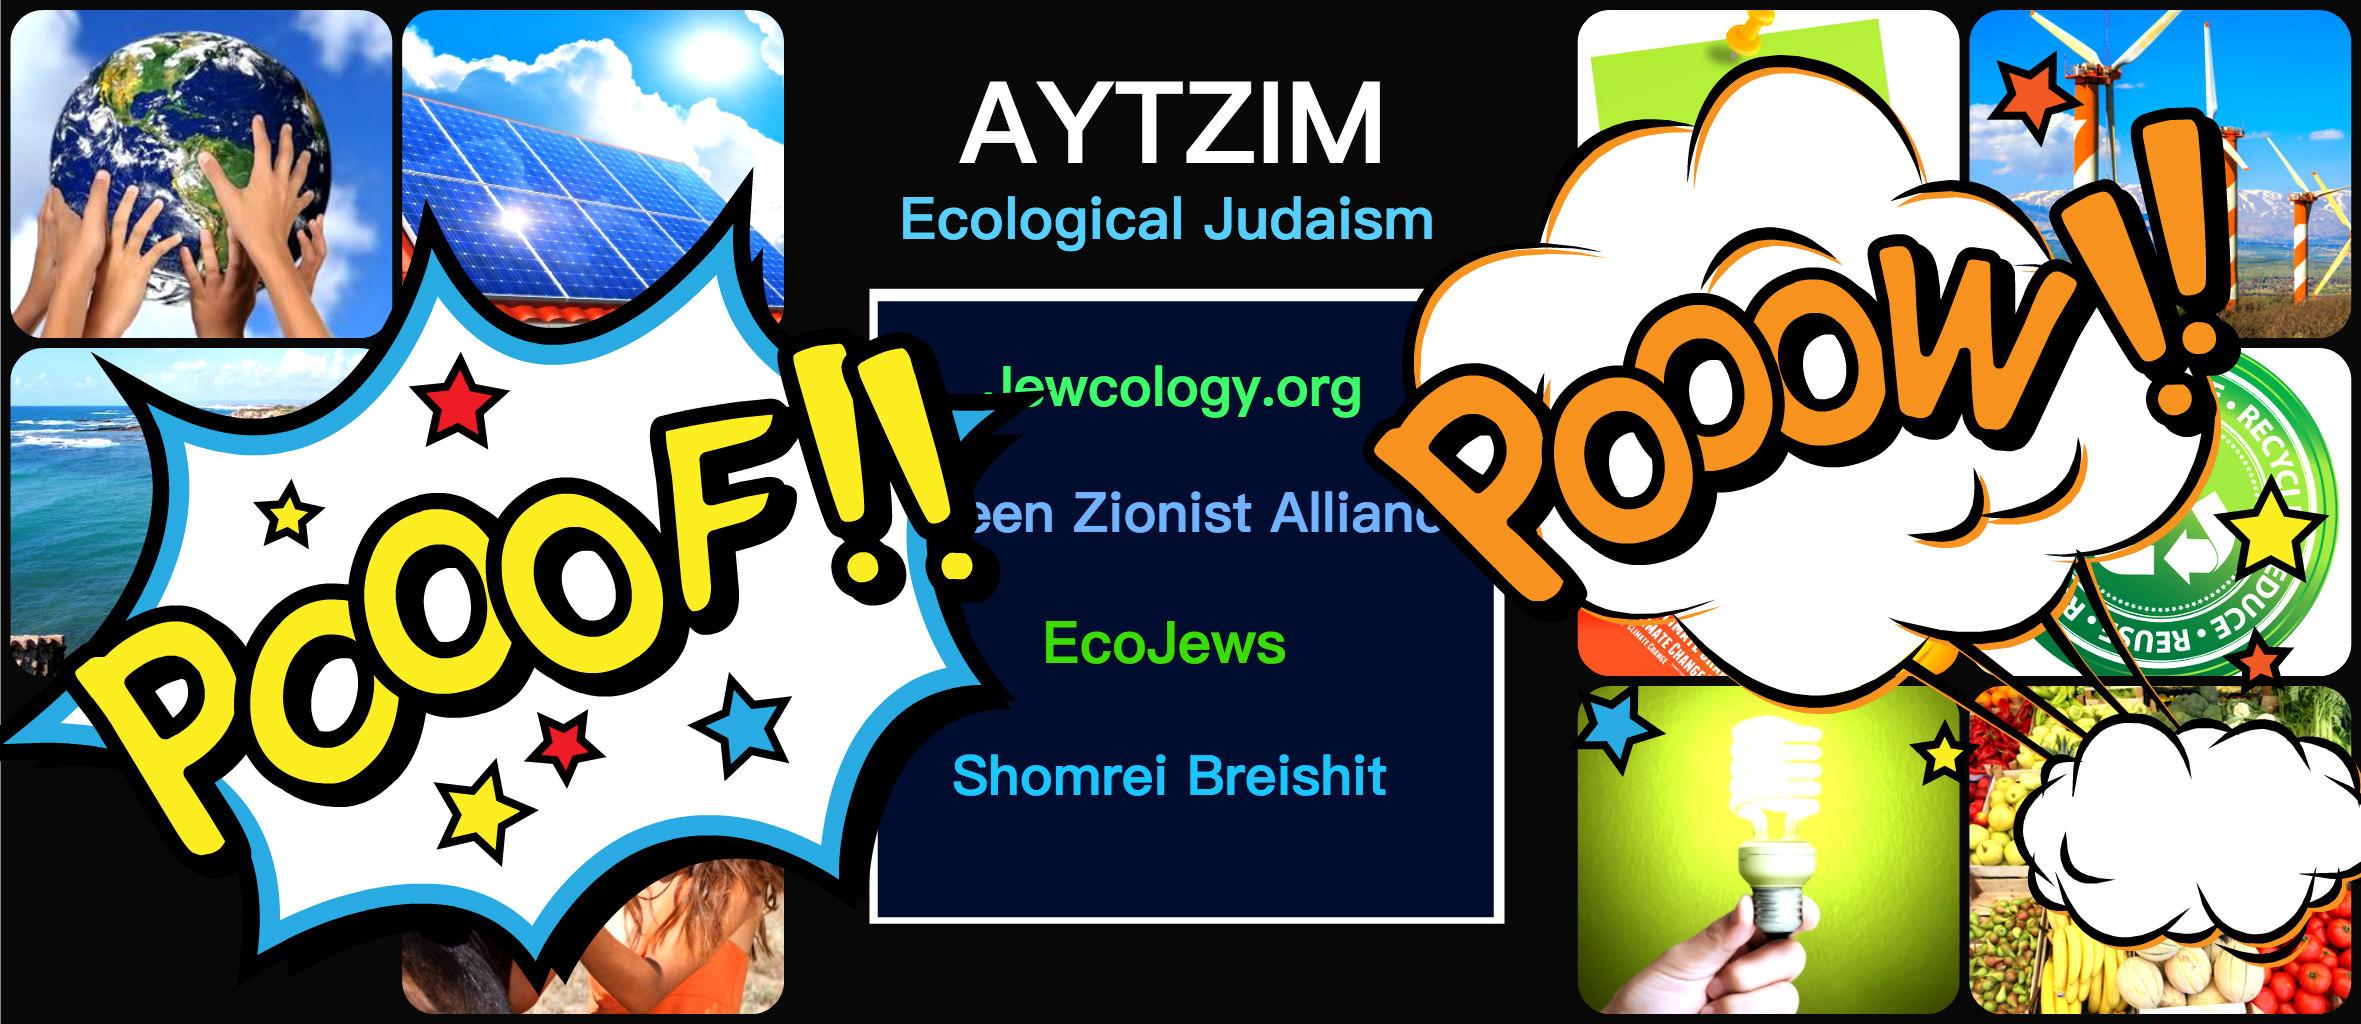 Aytzim